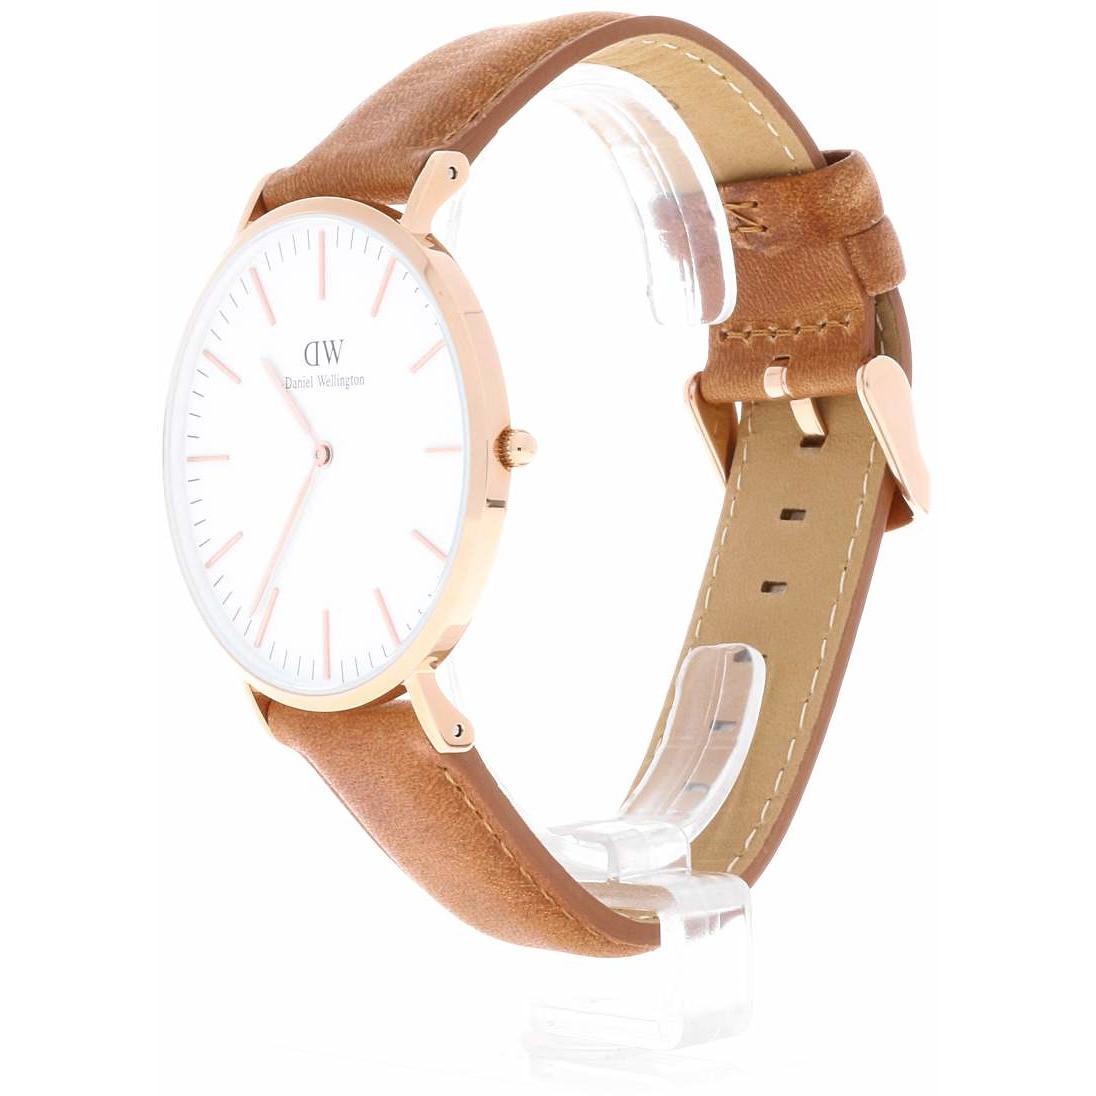 vente montres unisex Daniel Wellington DW00100109